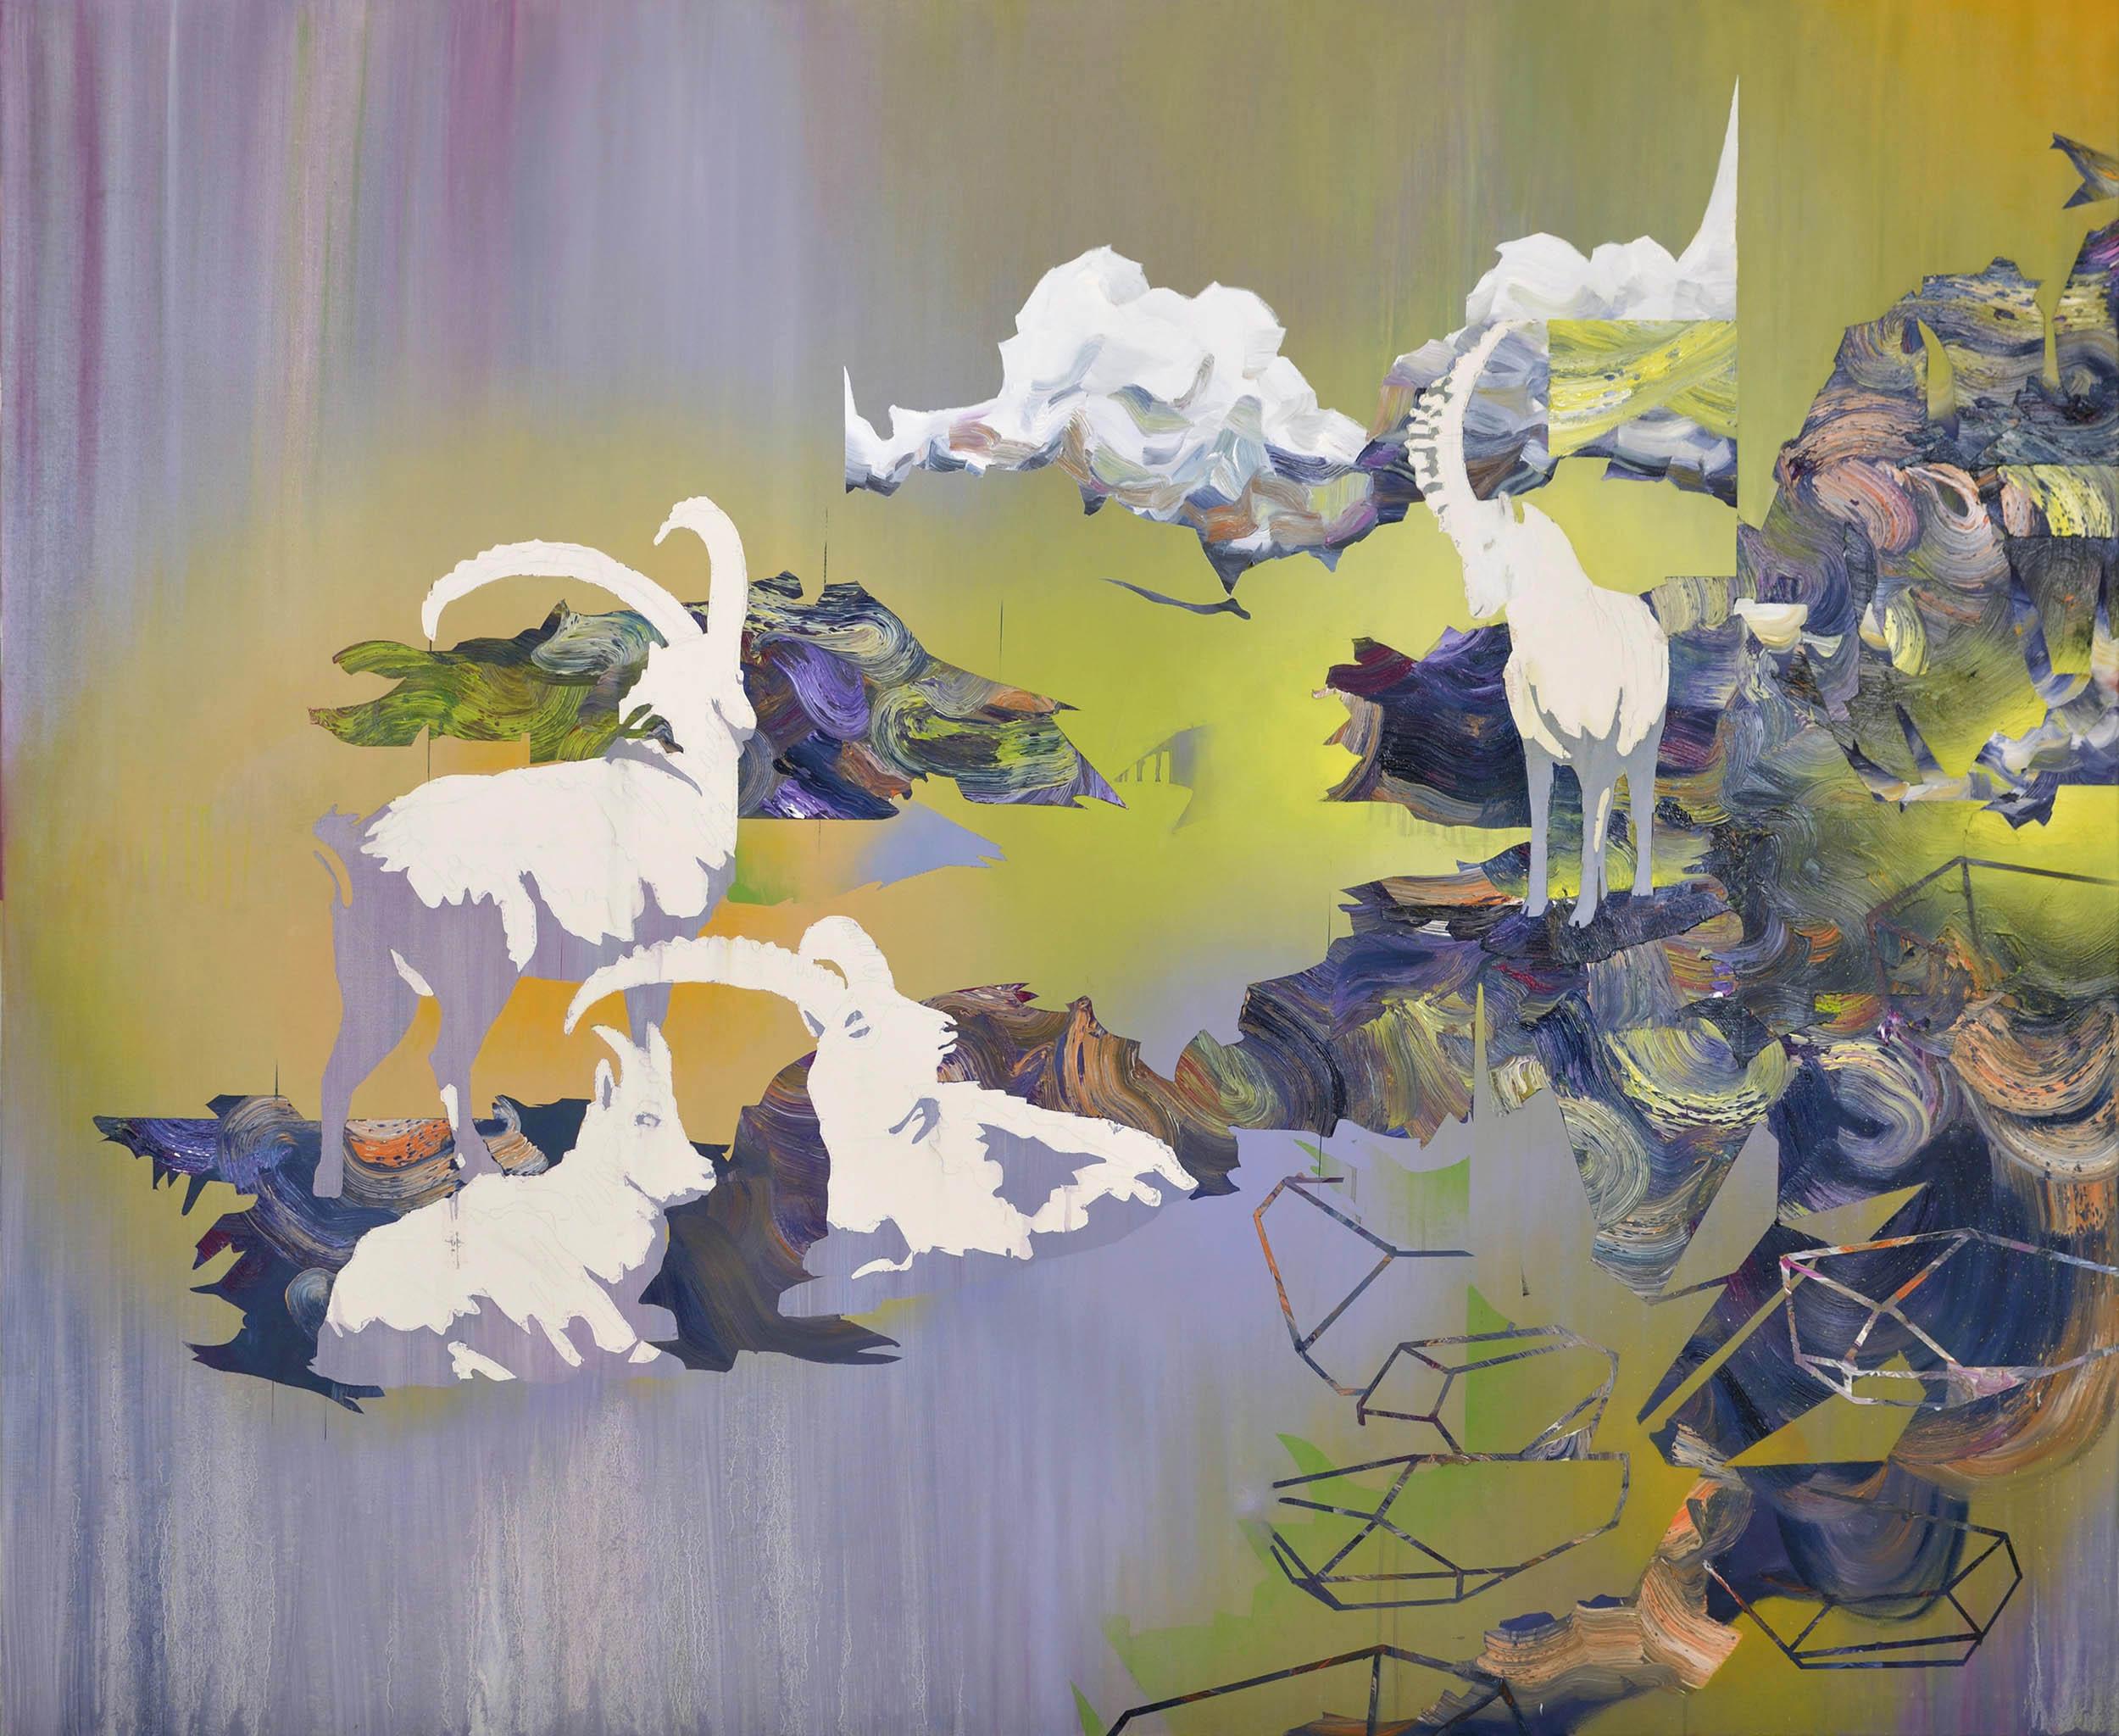 Hornträger  oil on canvas 165 x 200 cm, 2013